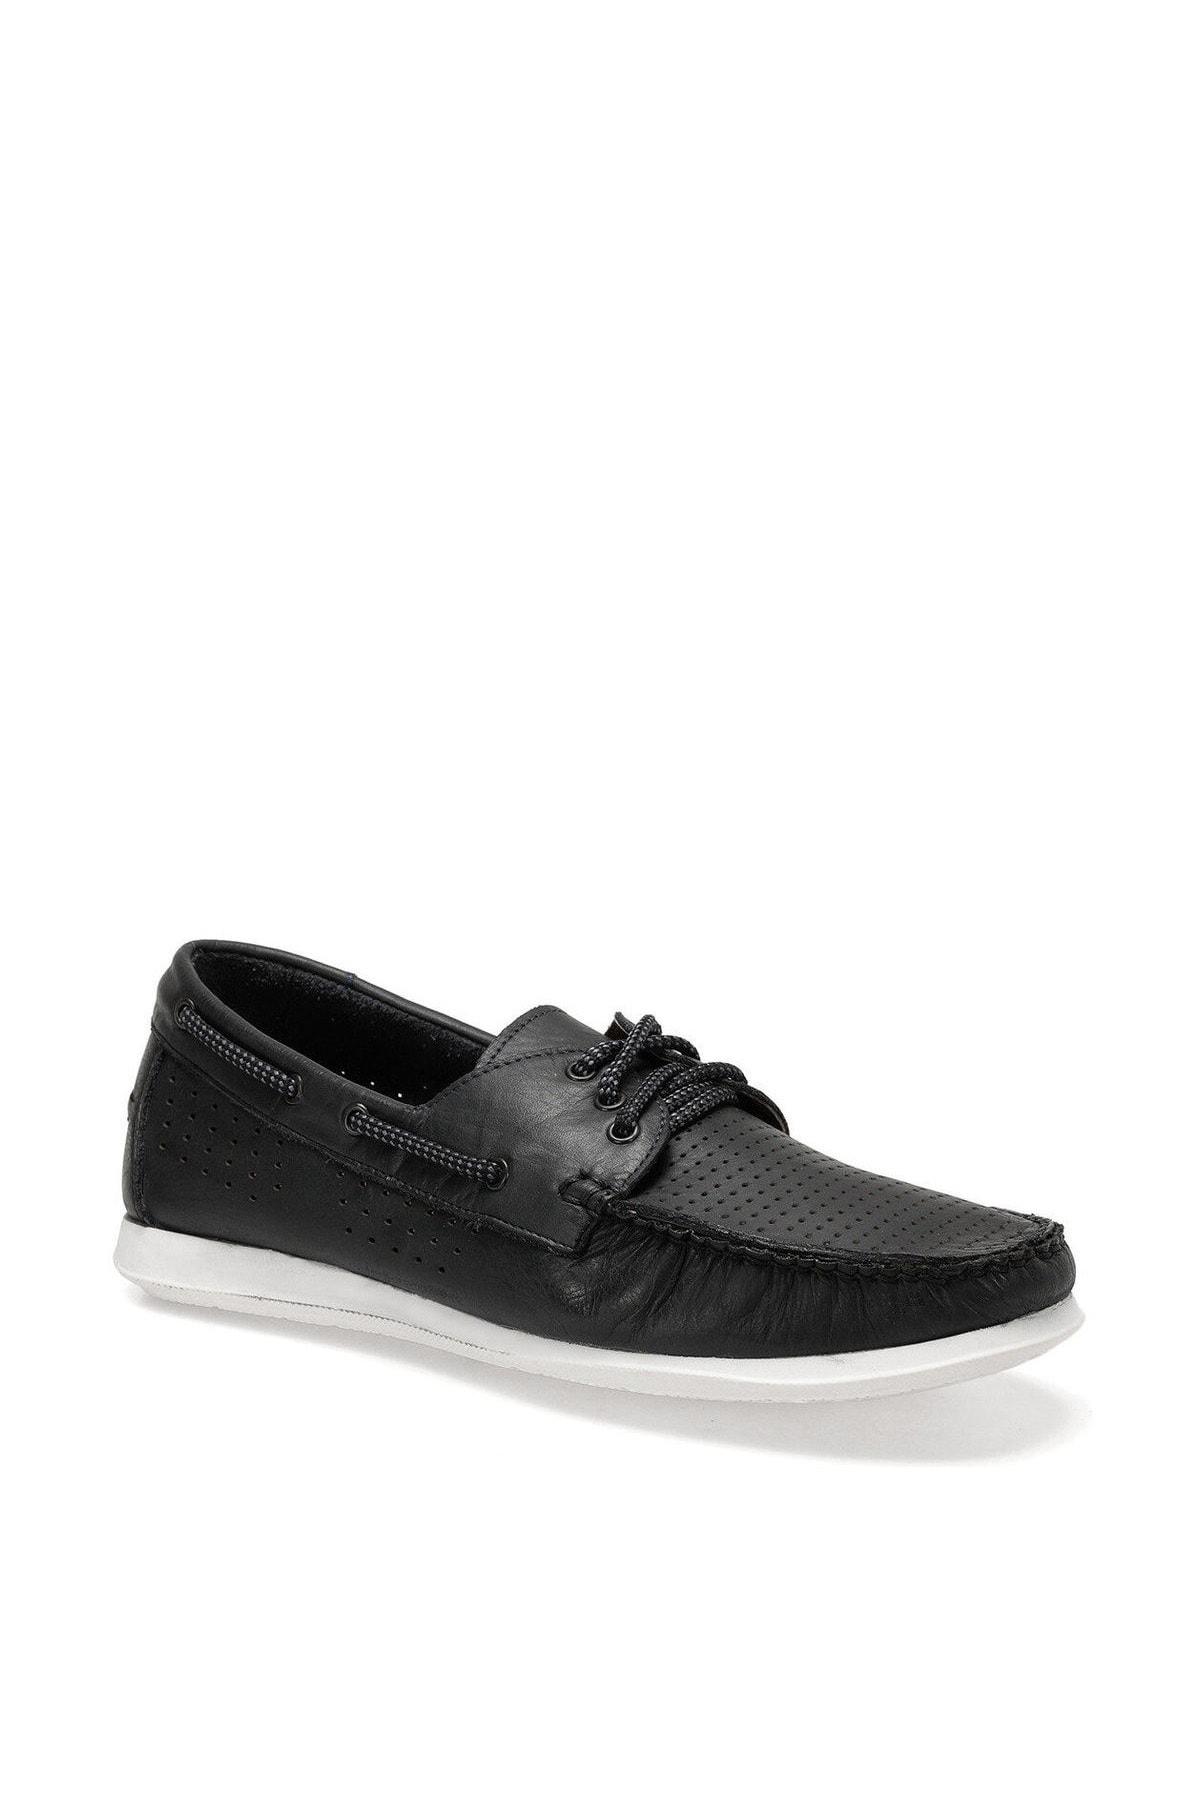 OXIDE 4256 Lacivert Erkek Ayakkabı 100523212 1